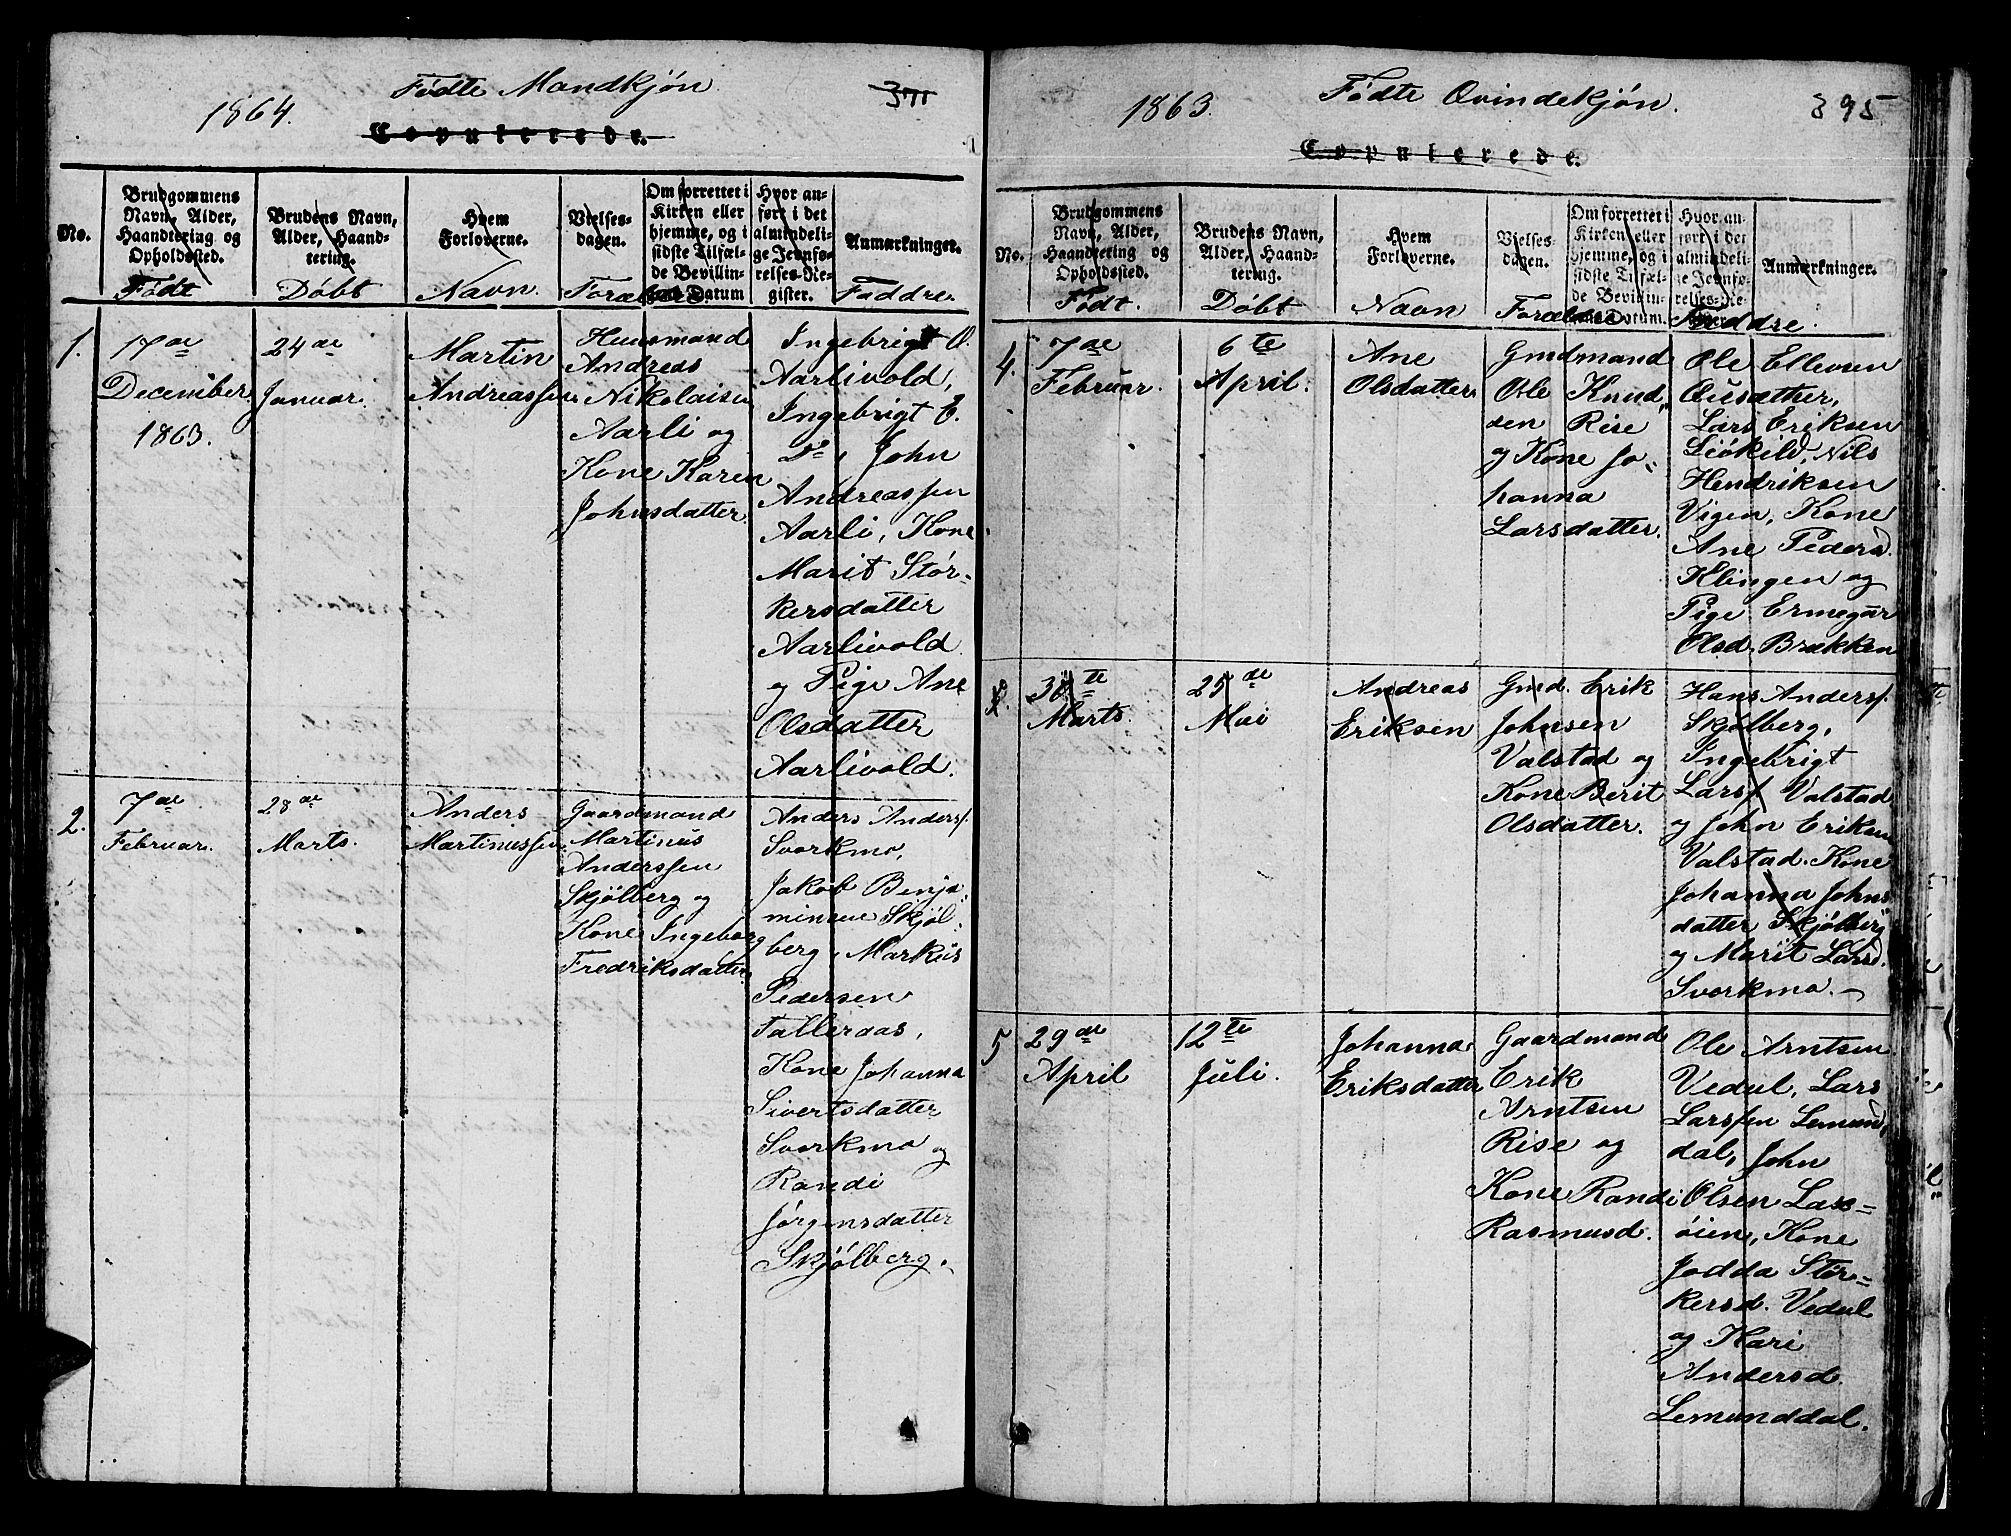 SAT, Ministerialprotokoller, klokkerbøker og fødselsregistre - Sør-Trøndelag, 671/L0842: Klokkerbok nr. 671C01, 1816-1867, s. 394-395